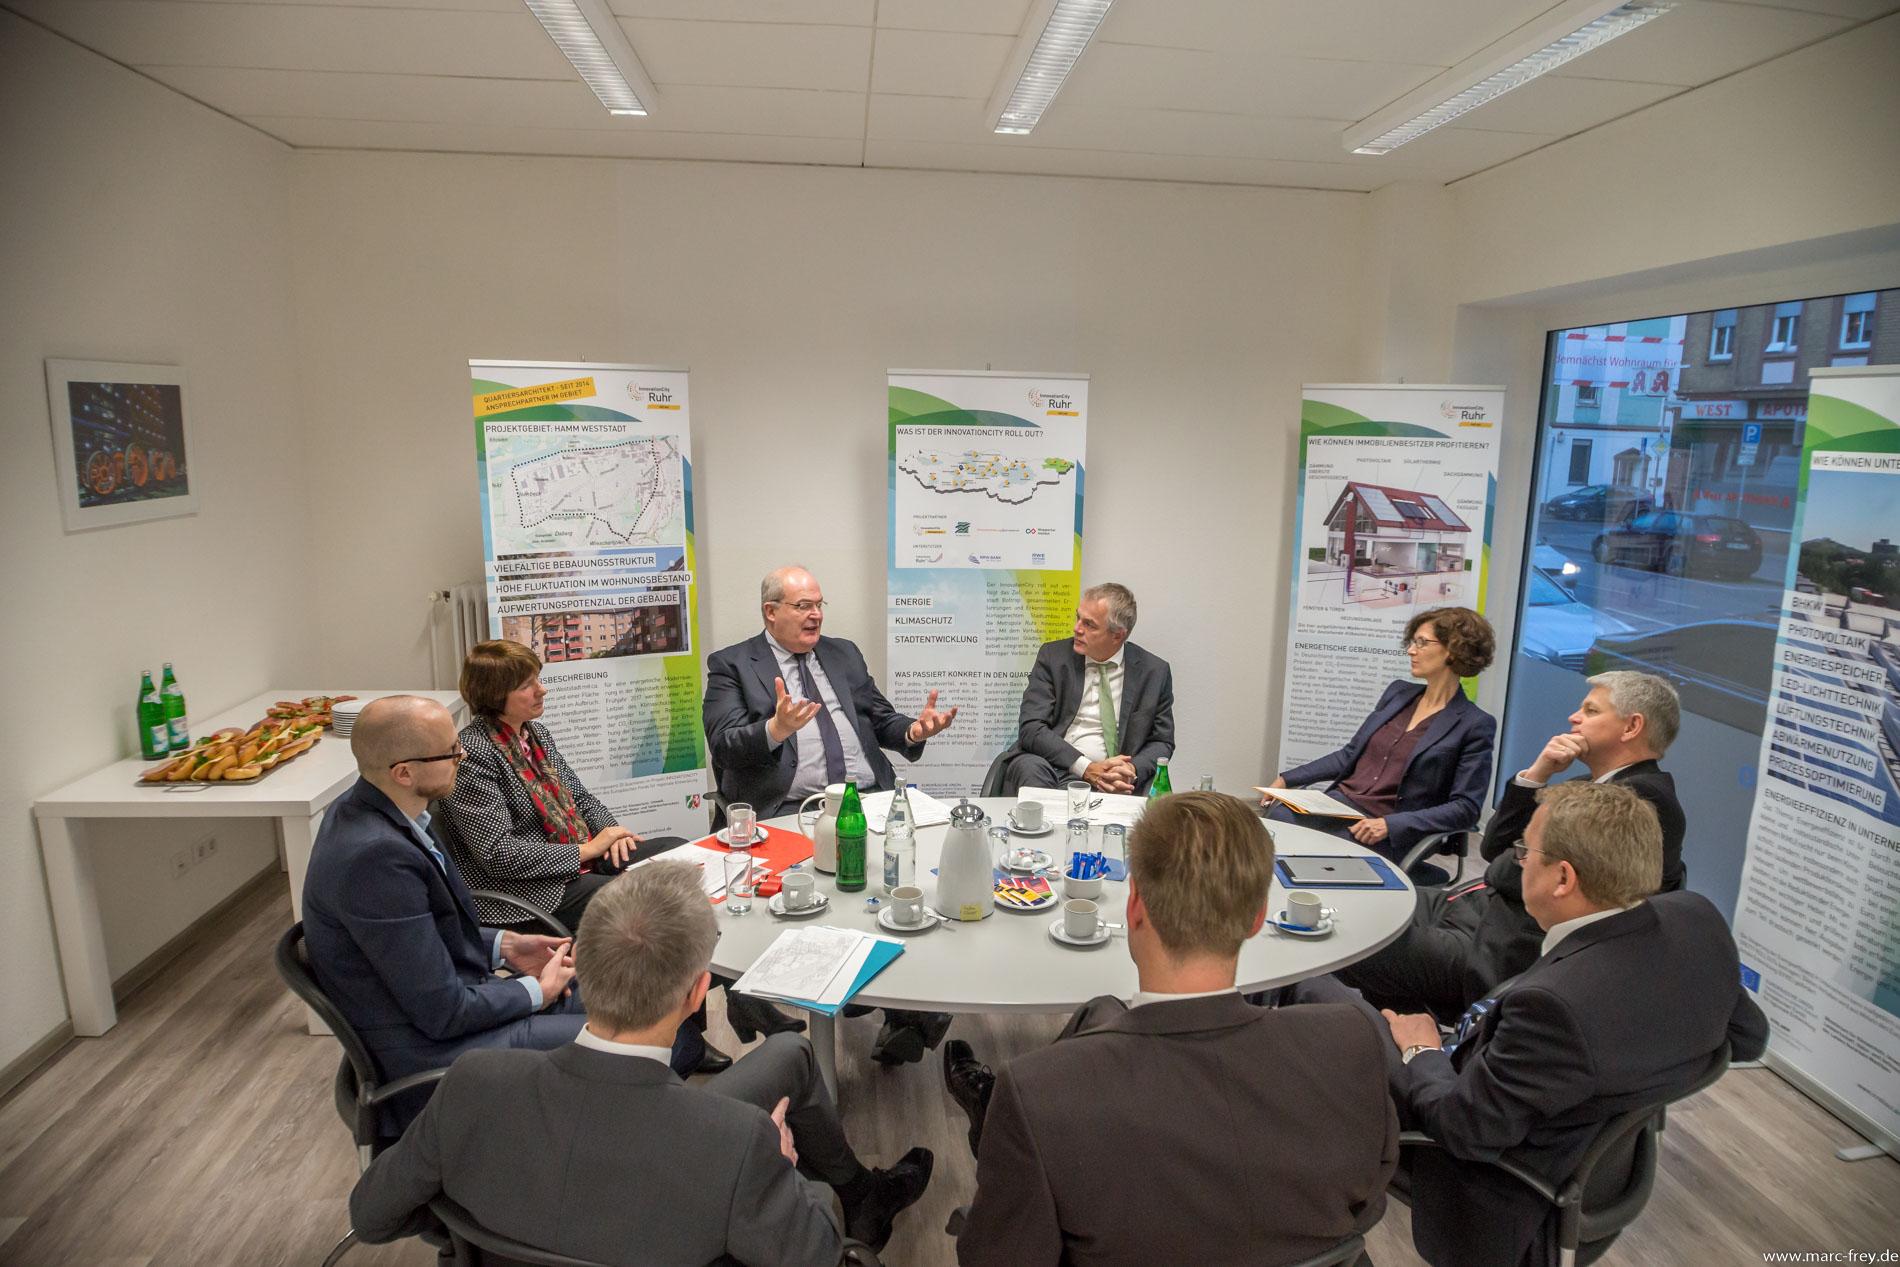 InnovationCity roll out-Pressekonferen bei der Wirtschaftsförderung Hamm